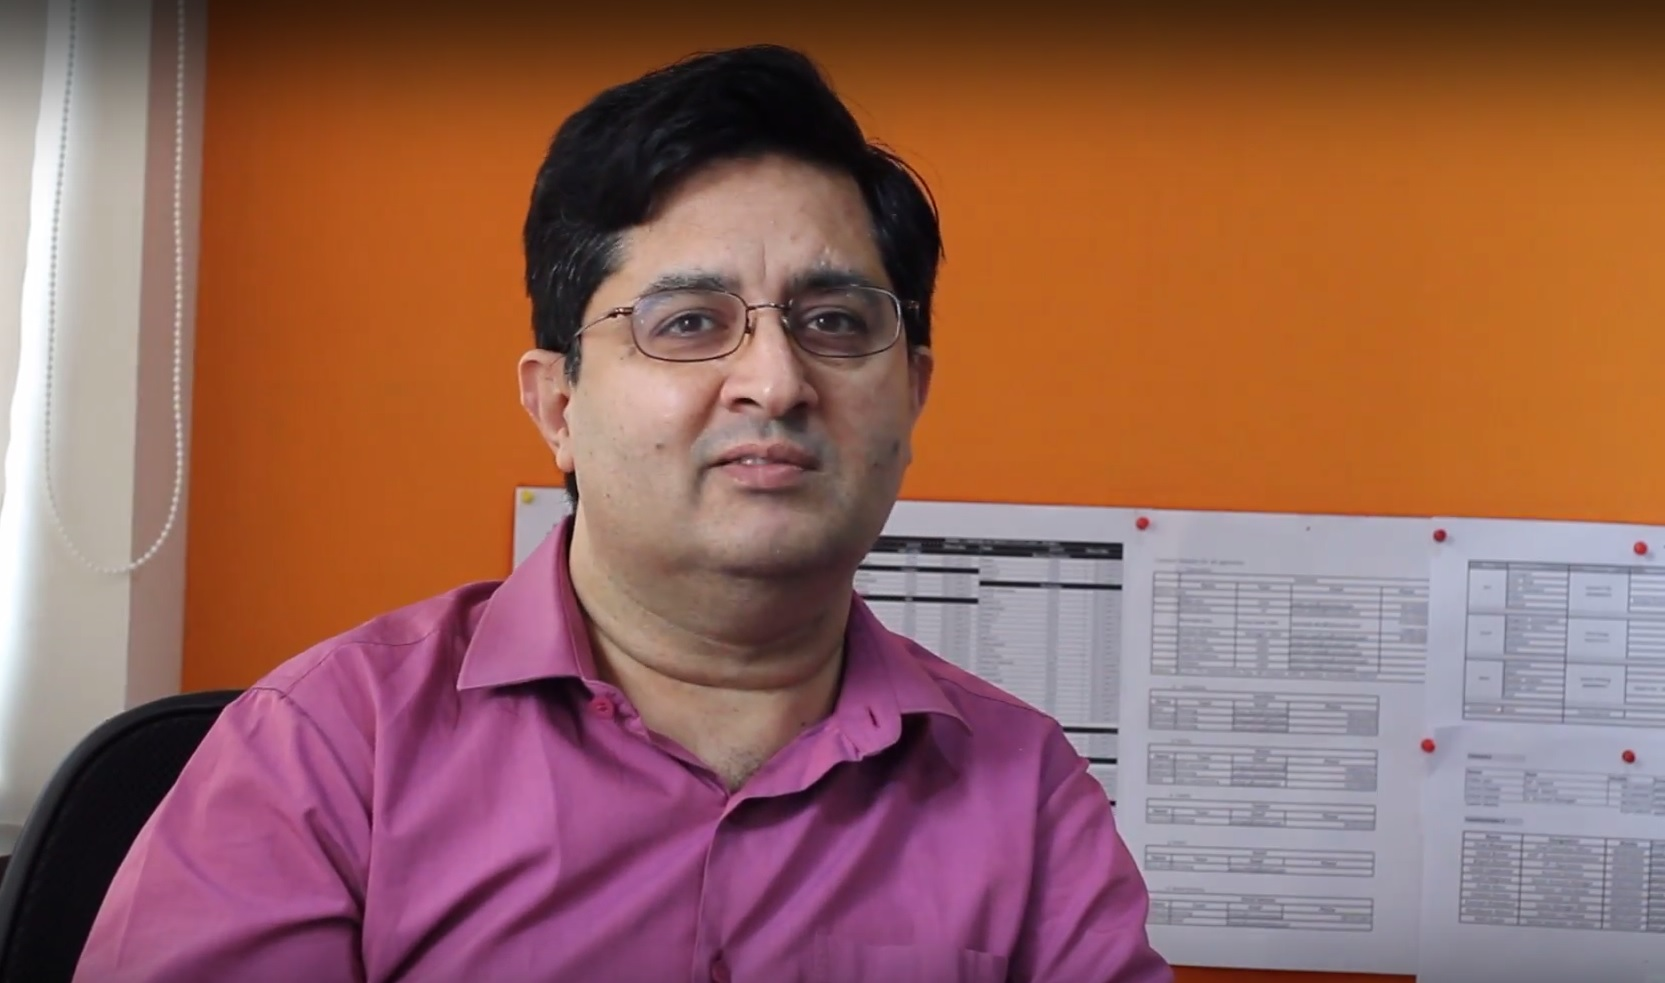 Ajay-Kaul-Blog-Image-bg